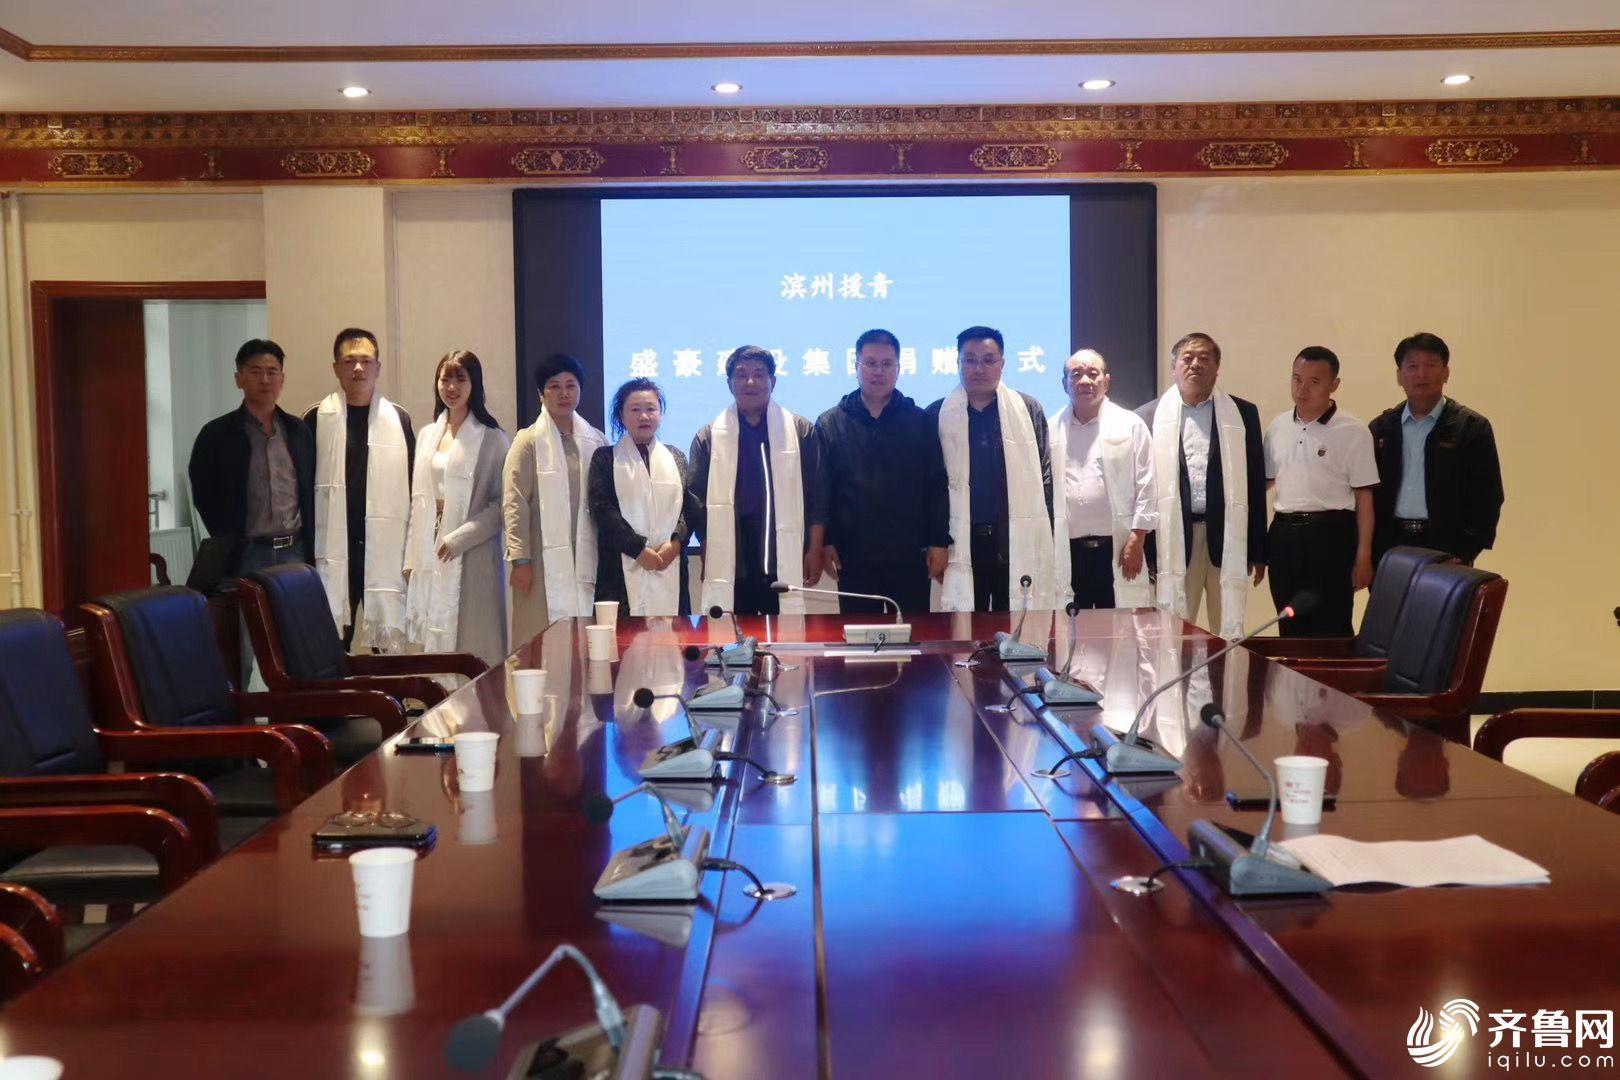 8月11日,盛豪建设集团有限公司为滨州援青组无偿捐助价值5万余元的笔记本电脑10台 (2)